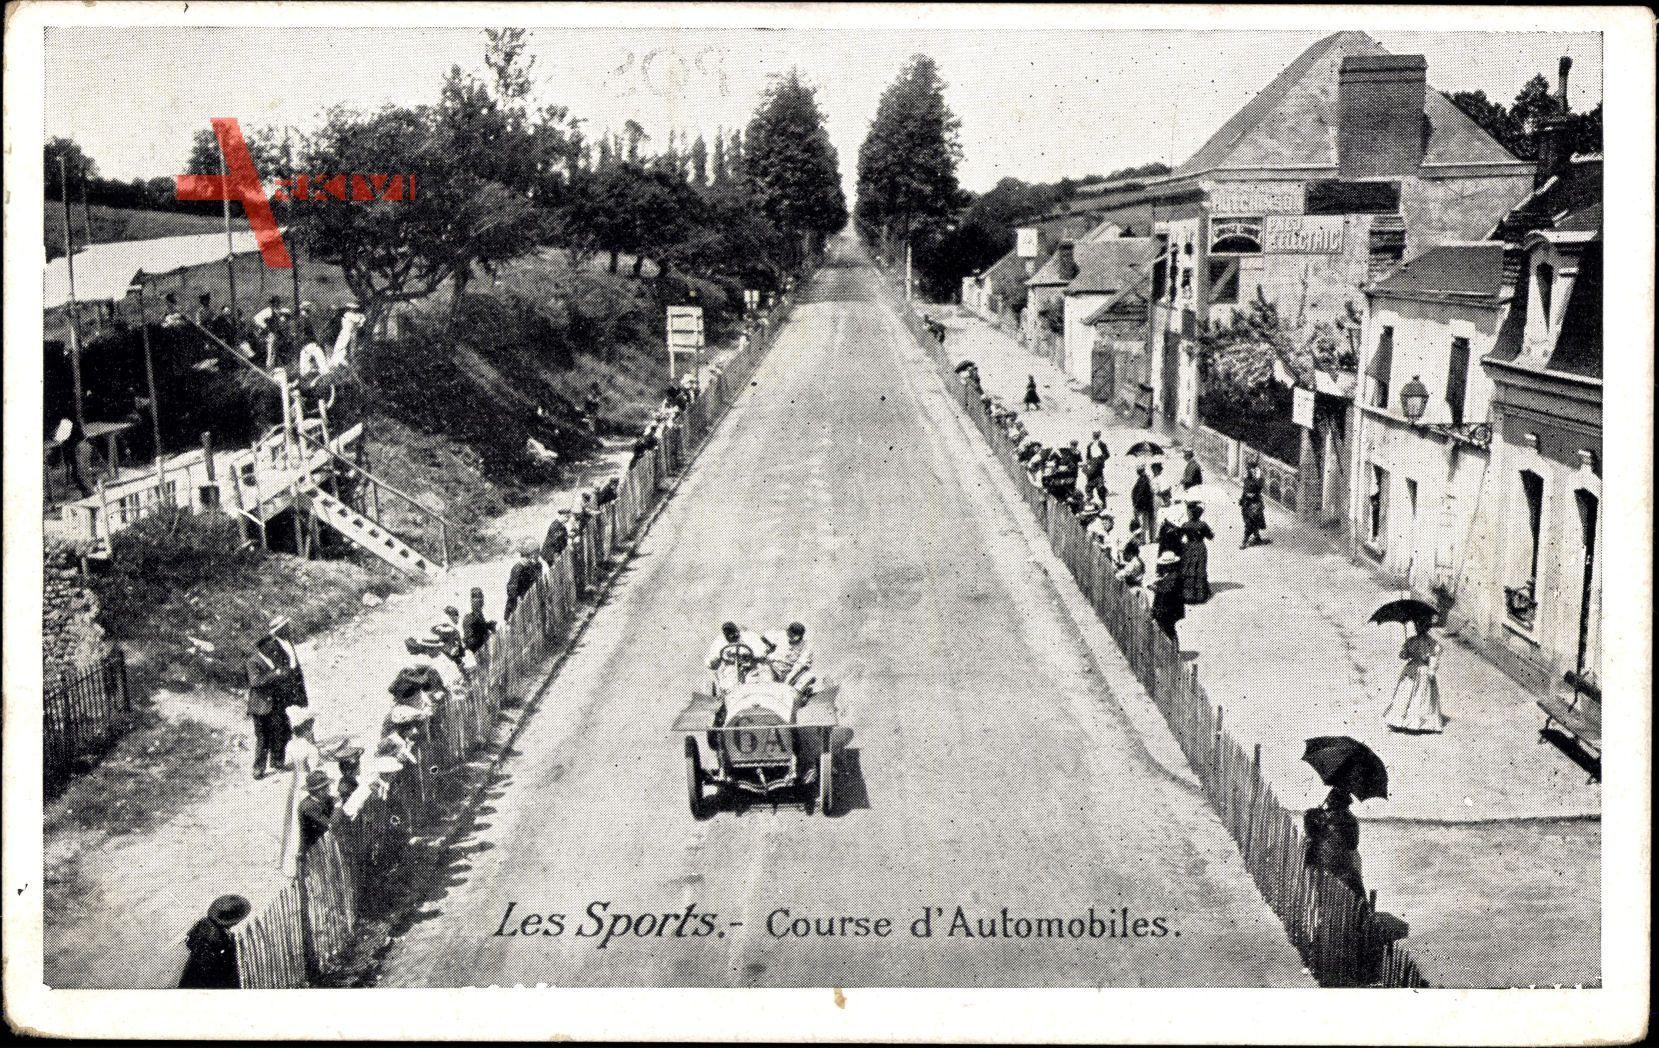 Les Sports, Course dAutomobiles, Autorennen, Rennwagen